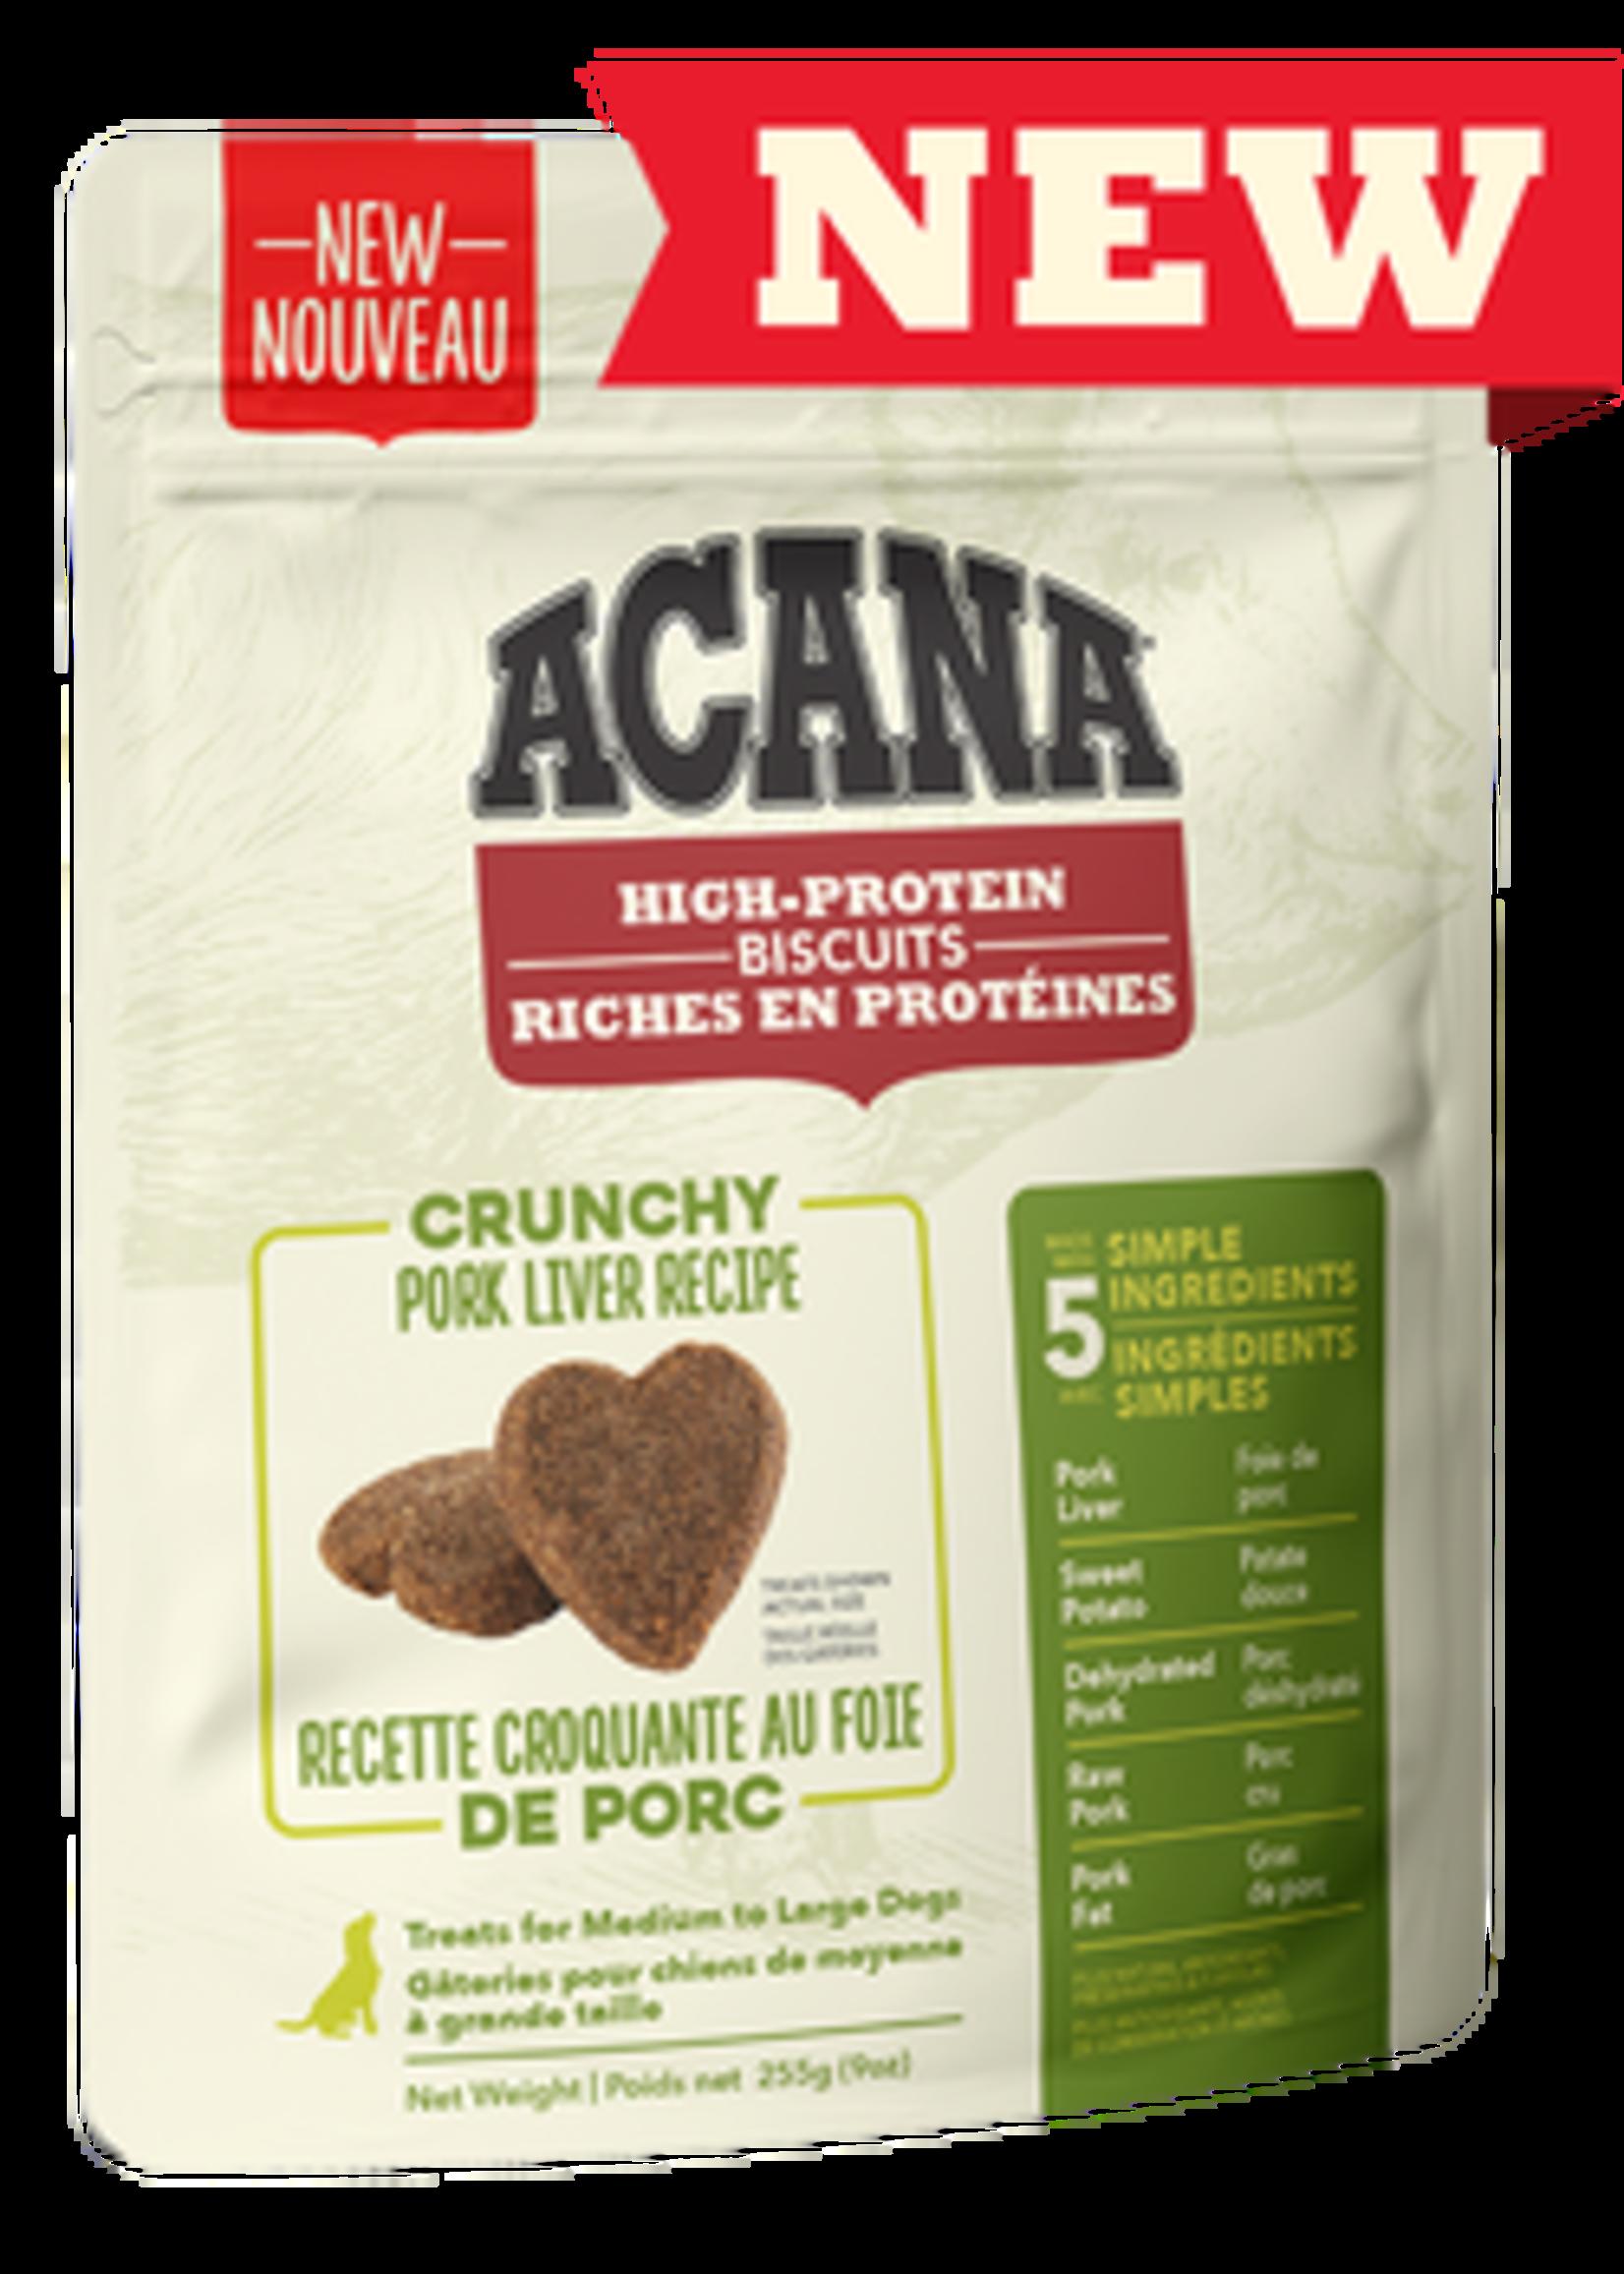 Acana® Acana High-Protein Biscuits, Crunchy Pork Liver Recipe 9oz Small